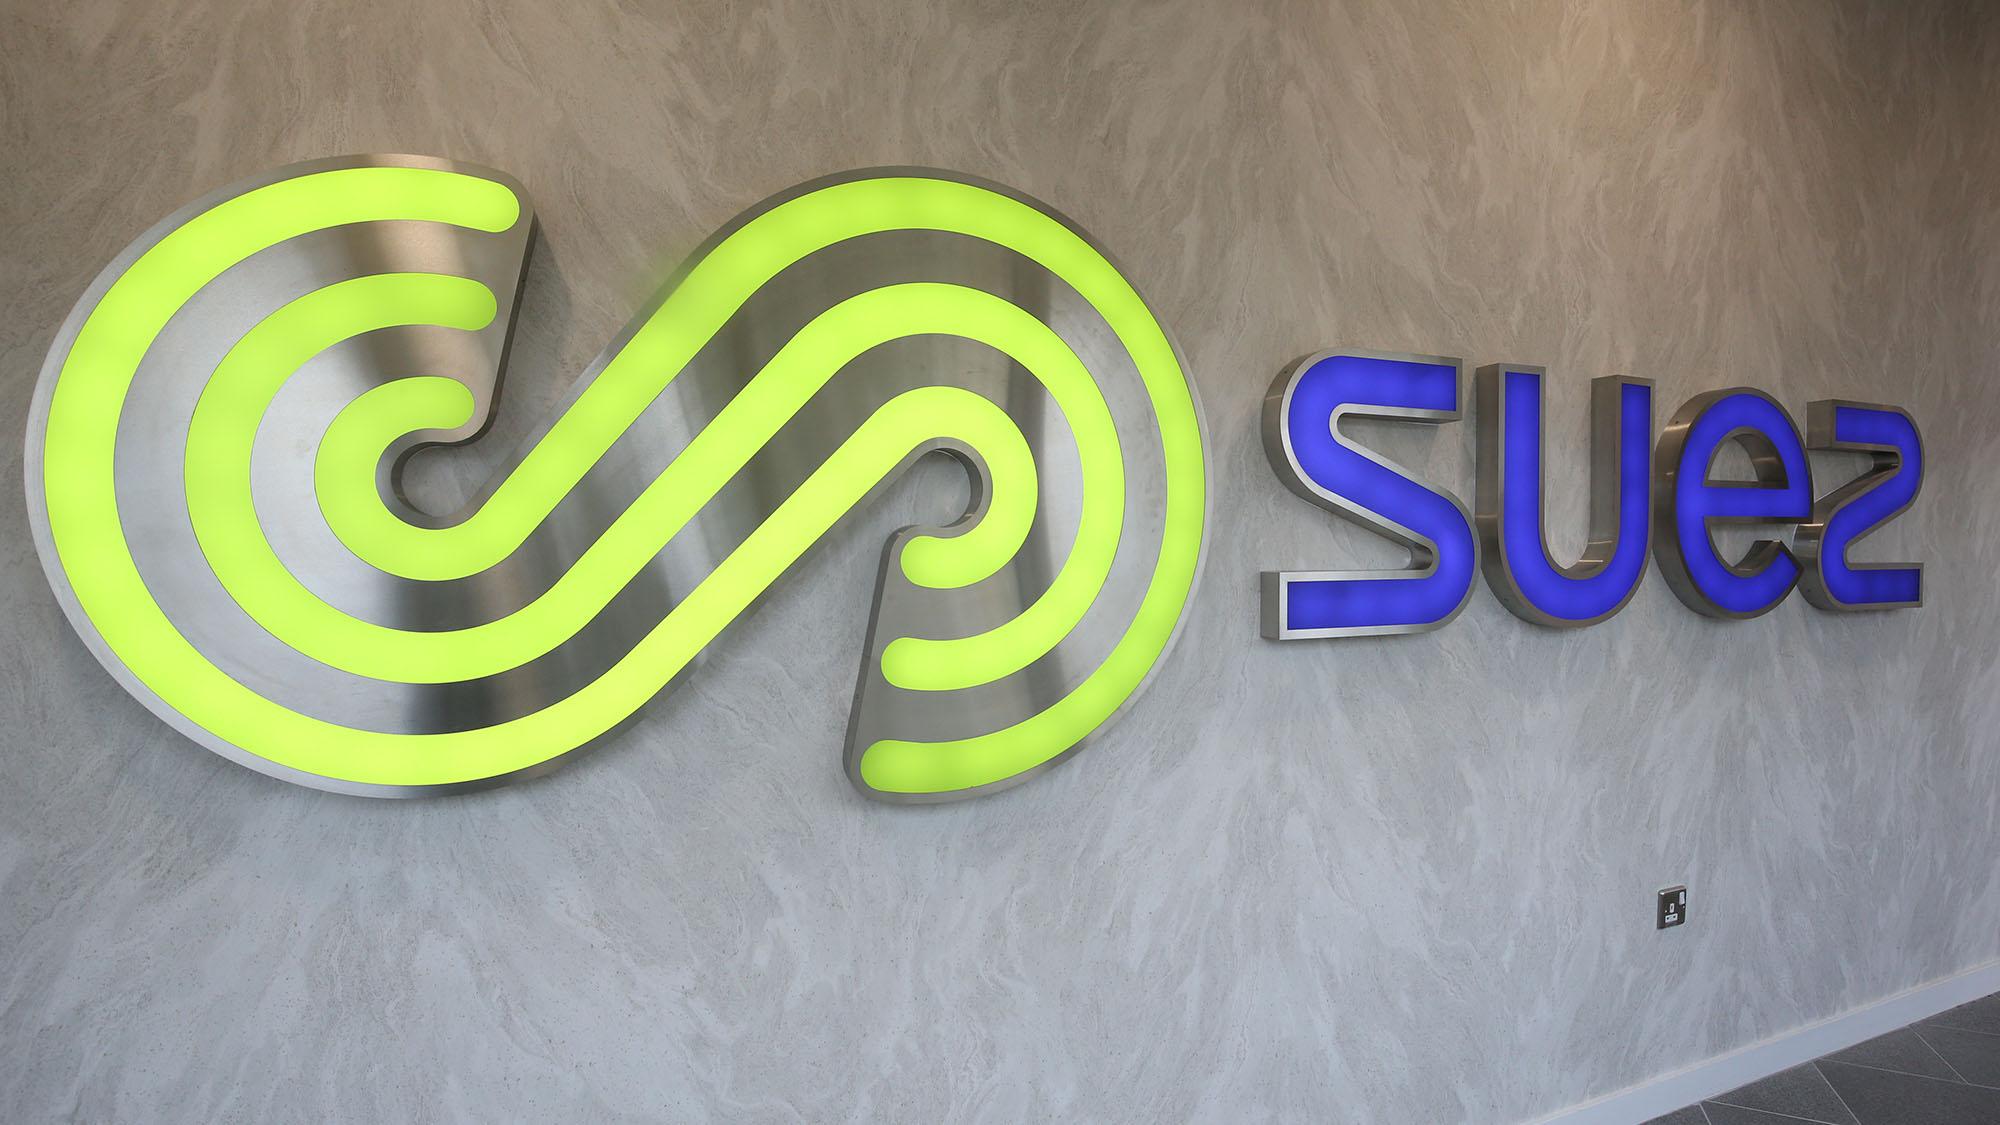 SUEZ House illuminated sign